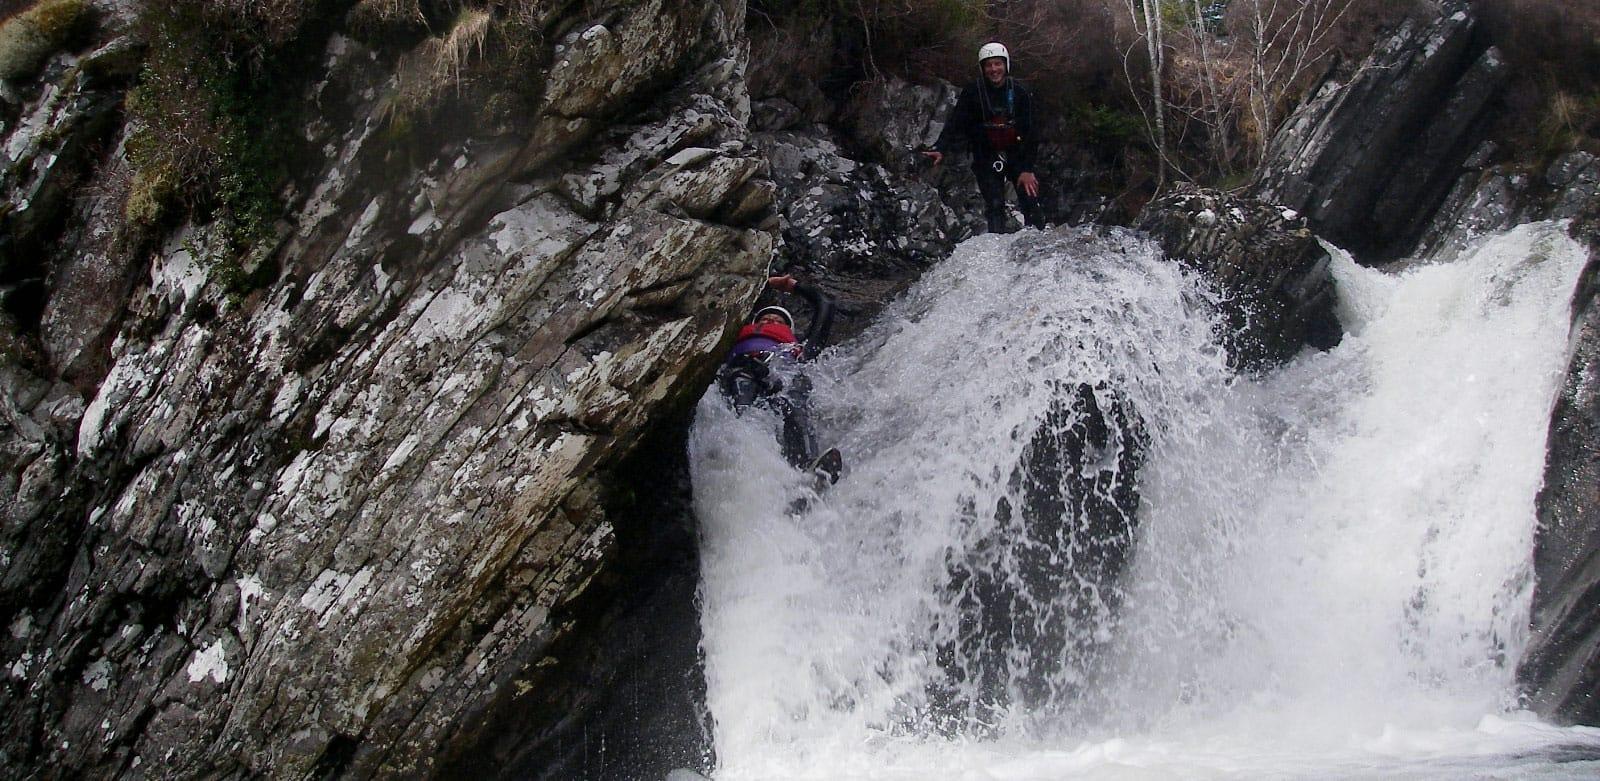 Ben Nevis Canyoning Trip